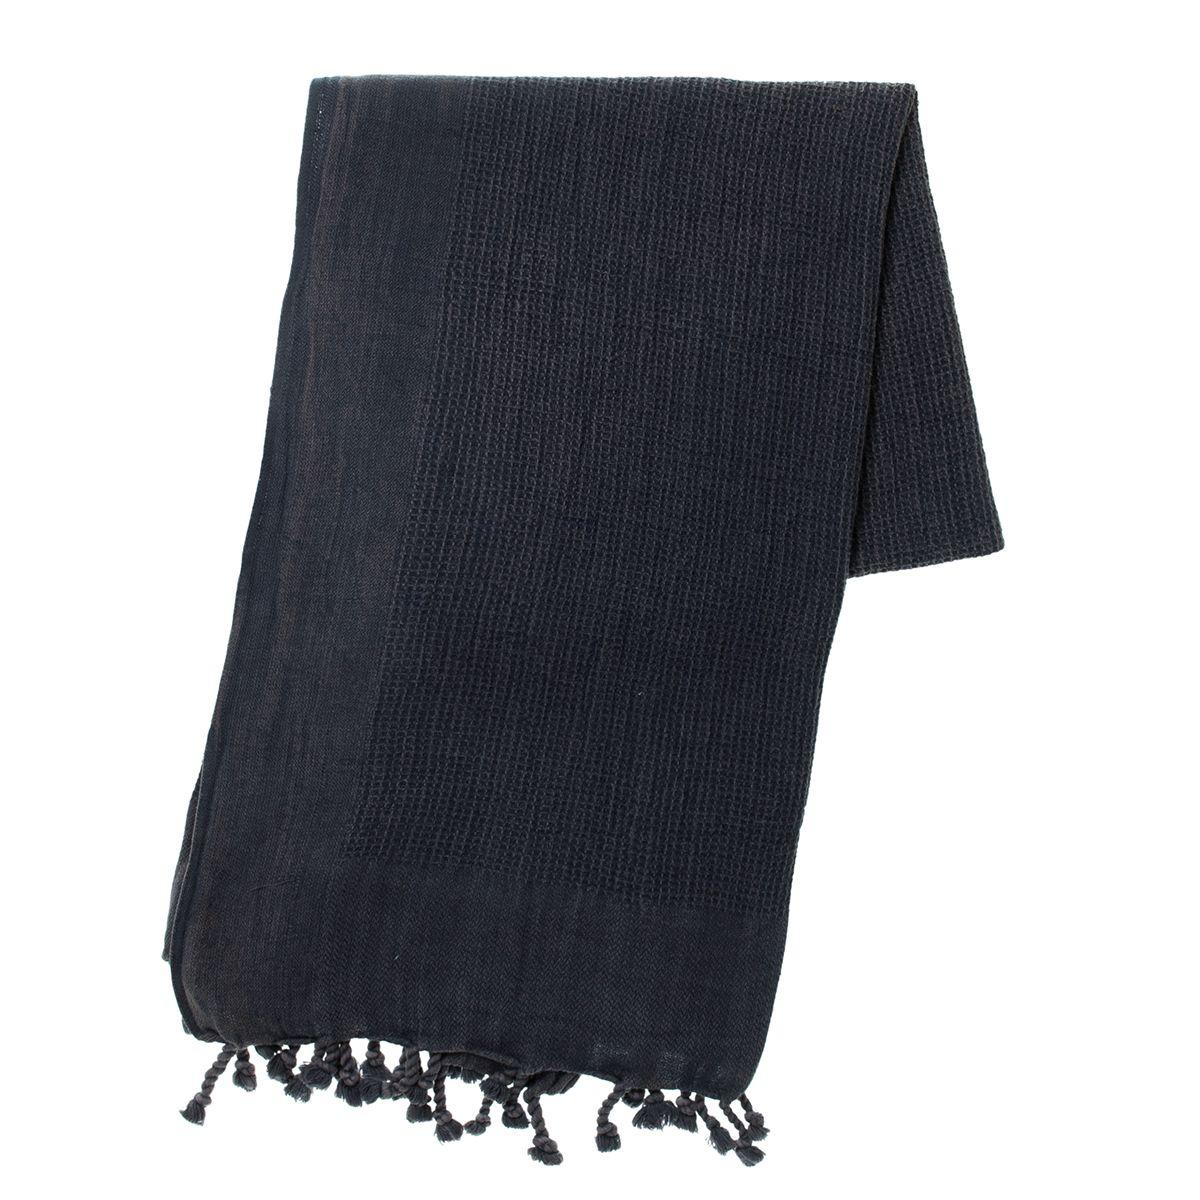 Peştemal Gofret - Siyah